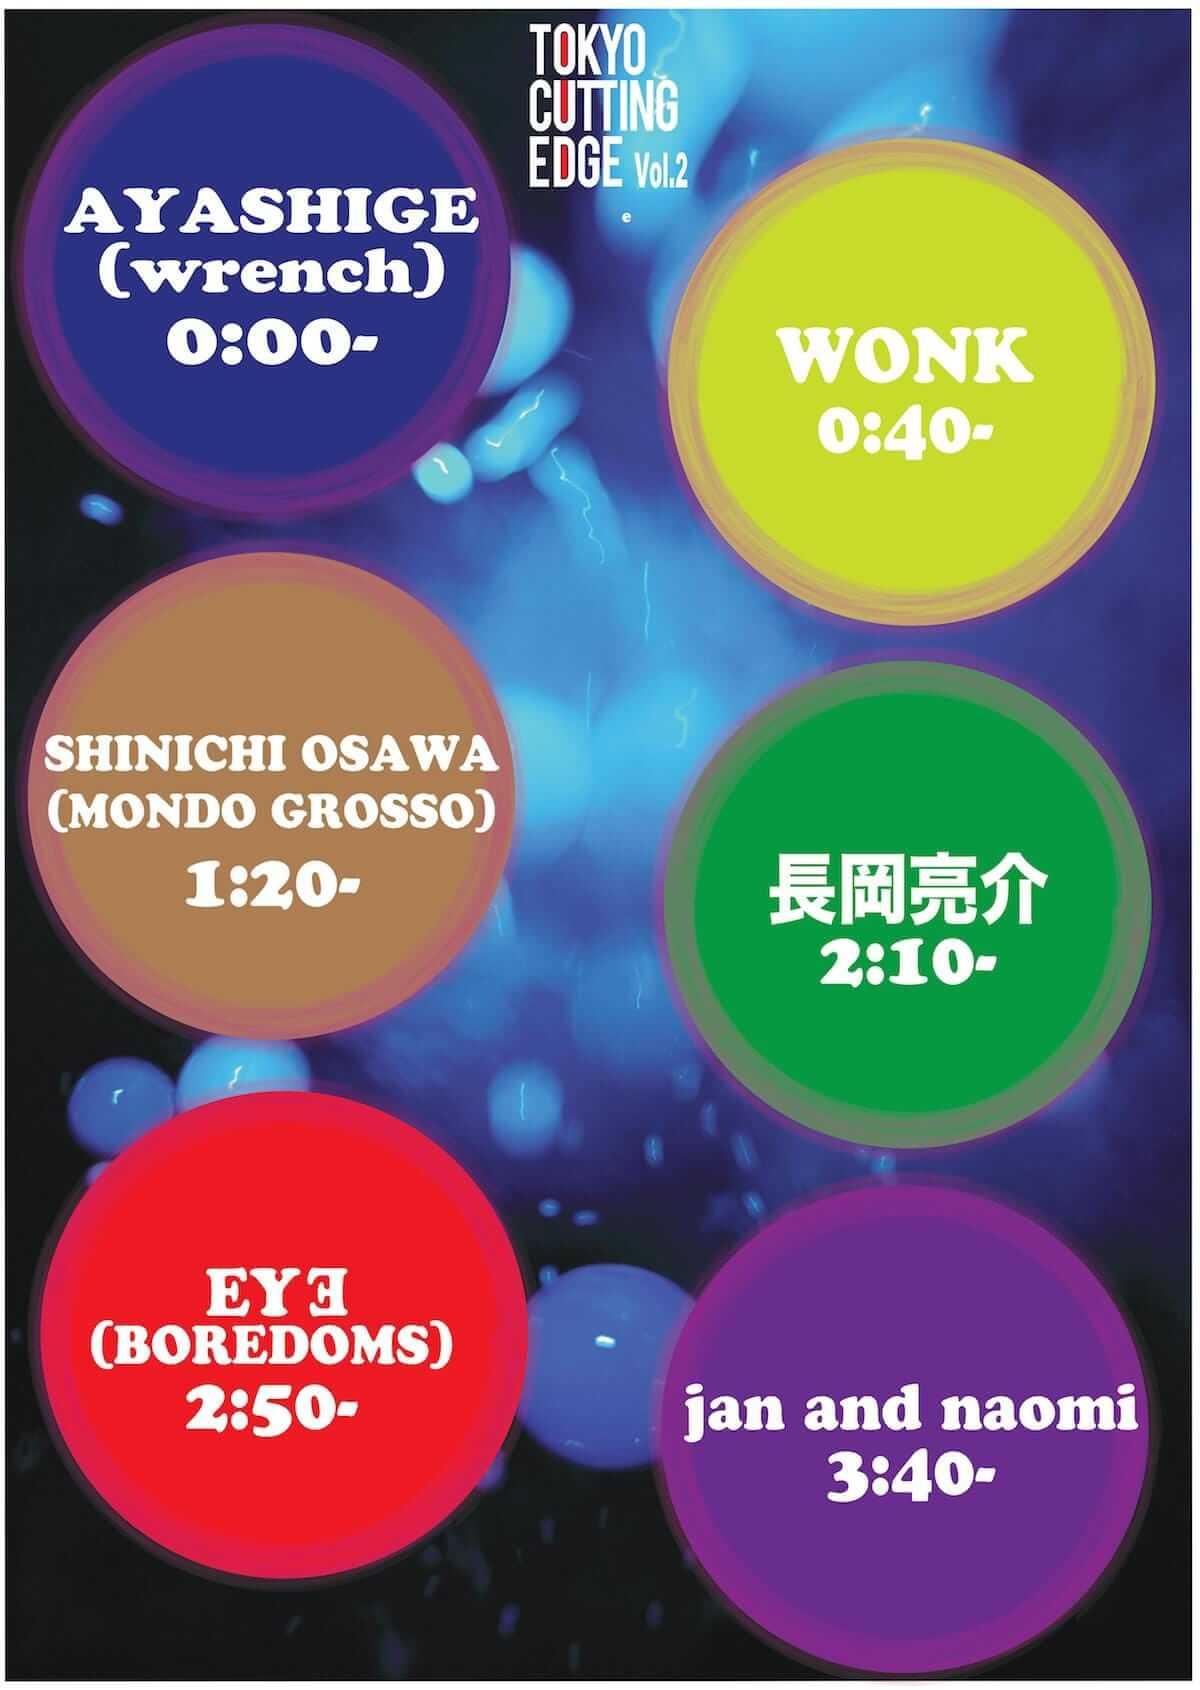 TOKYO CUTTING EDGE初のクラブイベント開催!長岡亮介×jan and naomiによるコラボセッション&タイムテーブル発表 music180703_cuttingedg_1-1200x1690